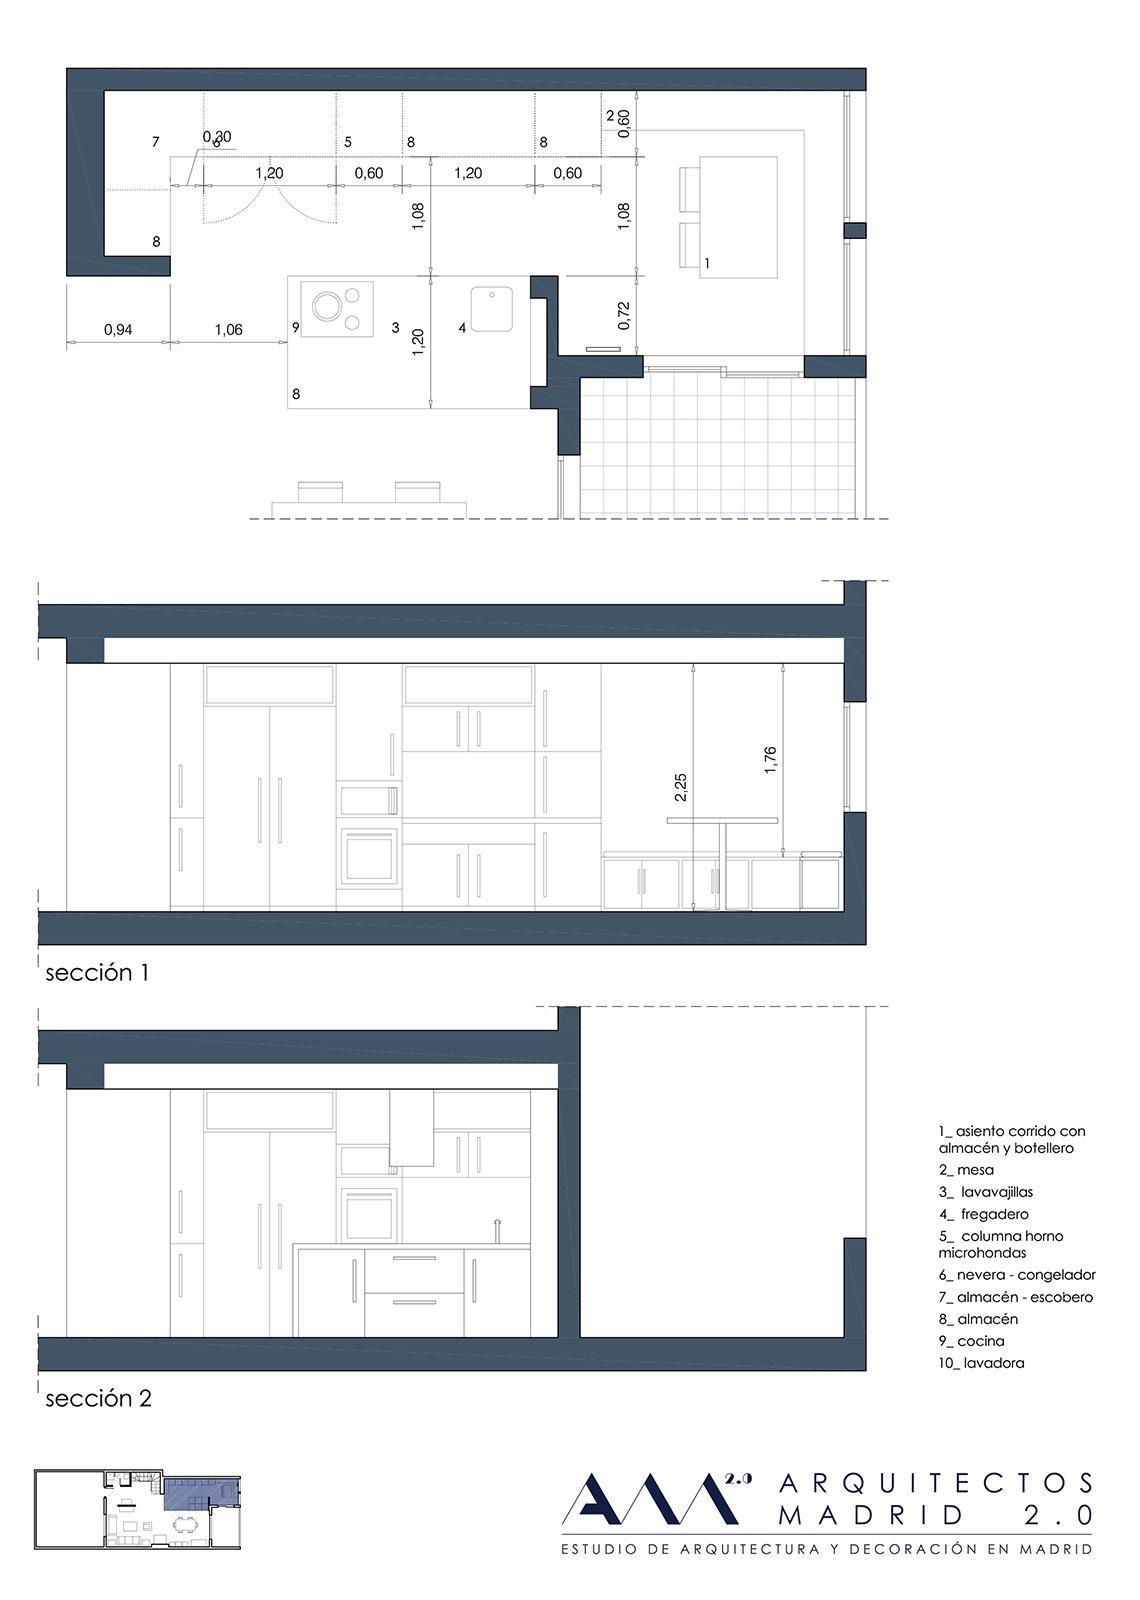 diseno-de-interiores-proyecto-decoracion-reforma-de-viviendas-arquitectura-interiorismo-04